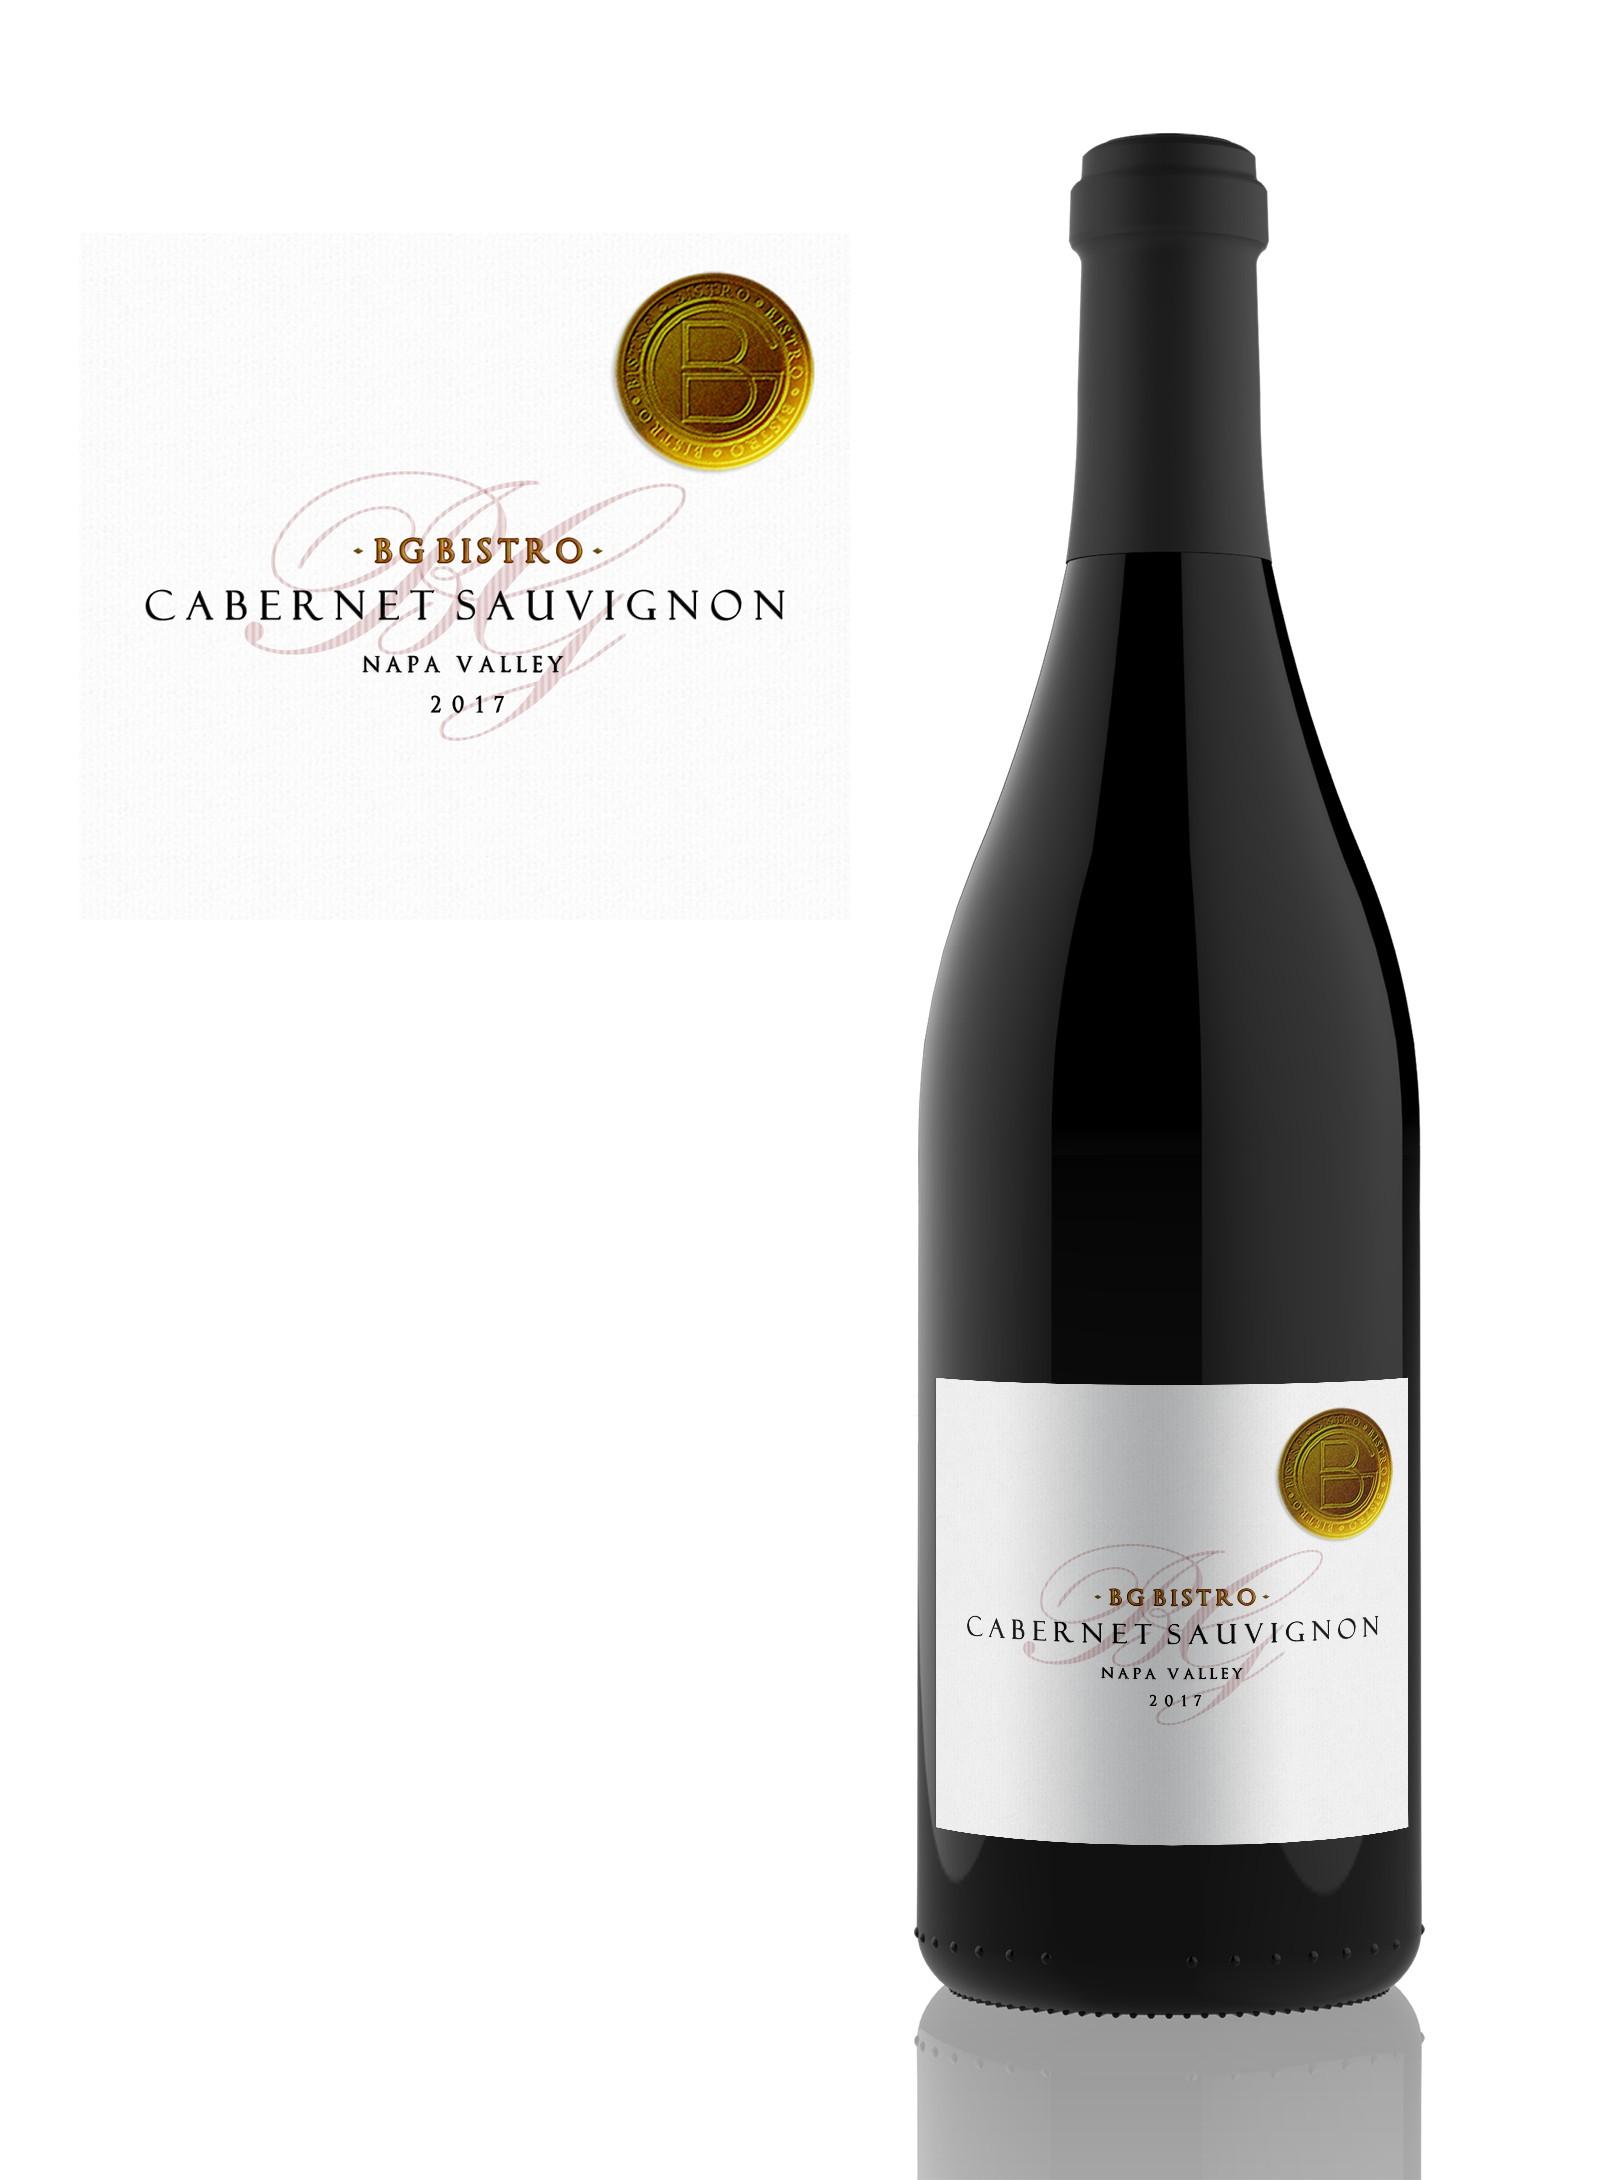 BG Bistro wine label